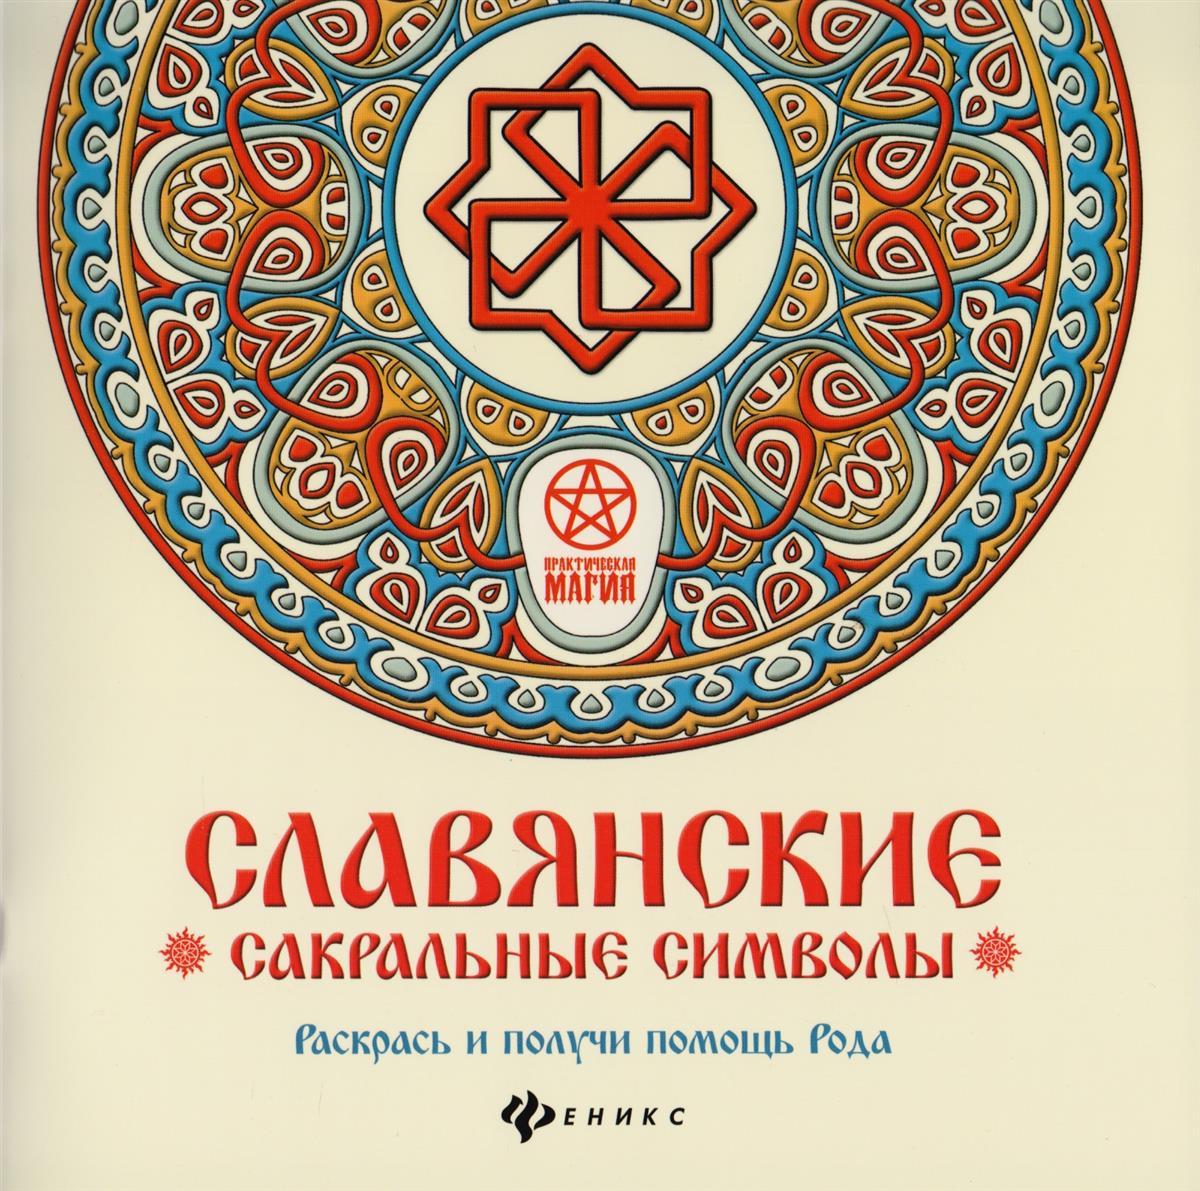 Славянские сакральные символы. Раскрась и получи помощь Рода